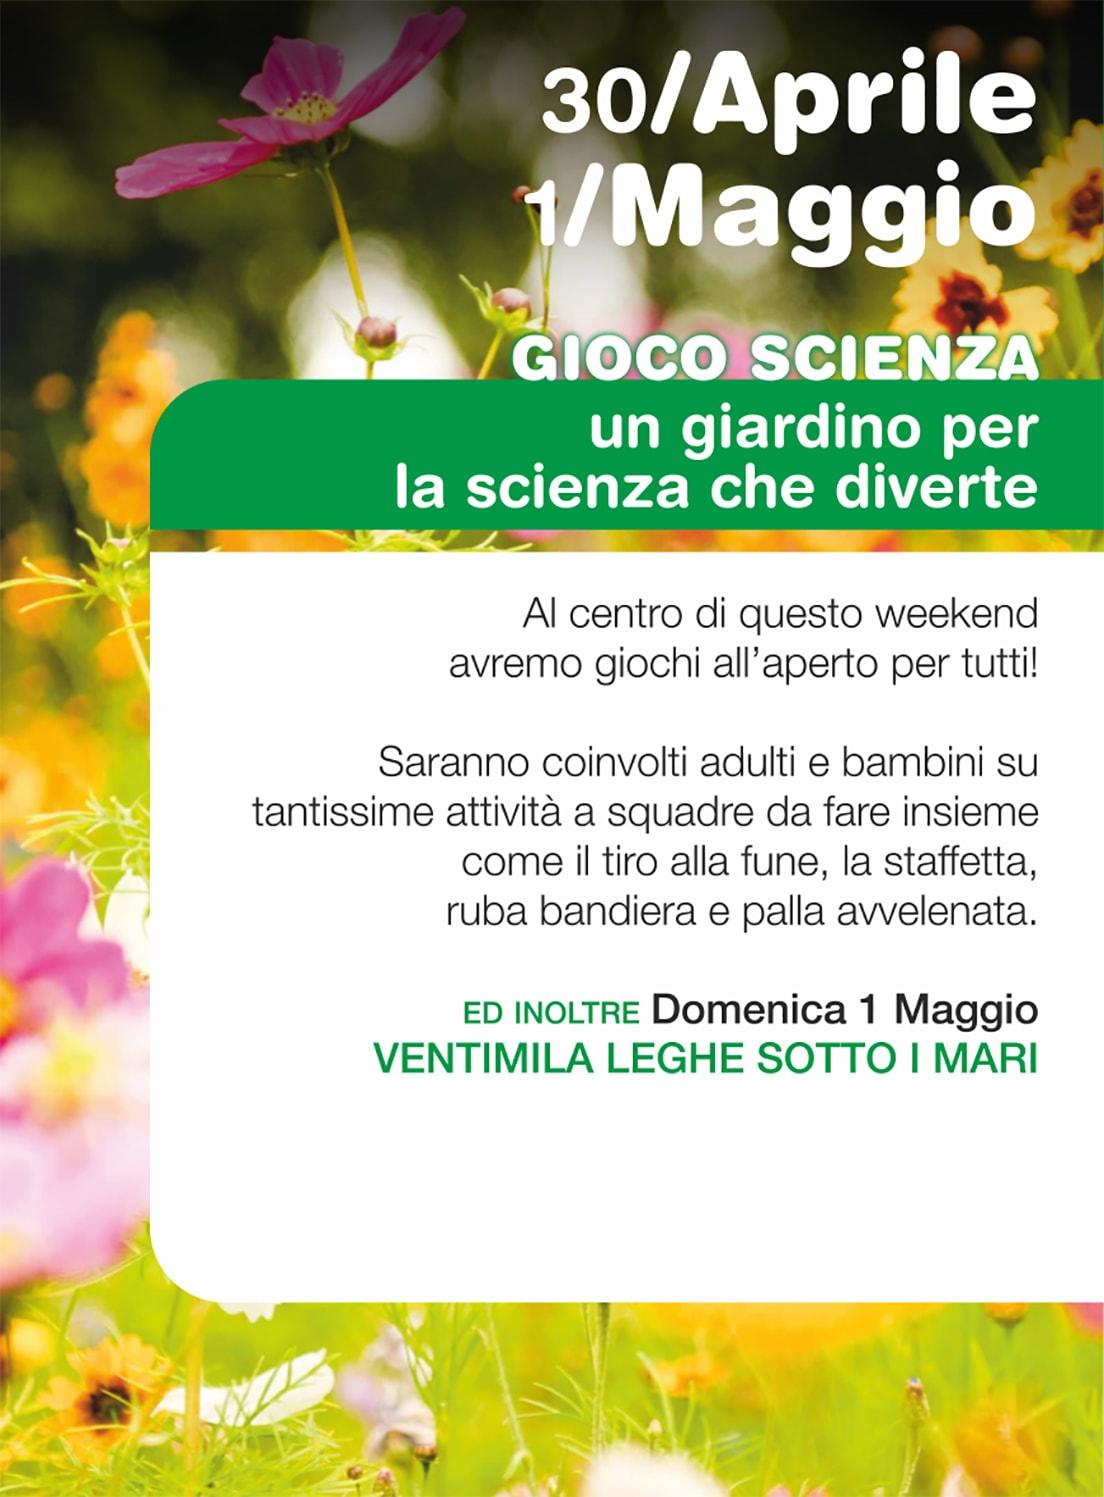 30 APRILE - 1 MAGGIO